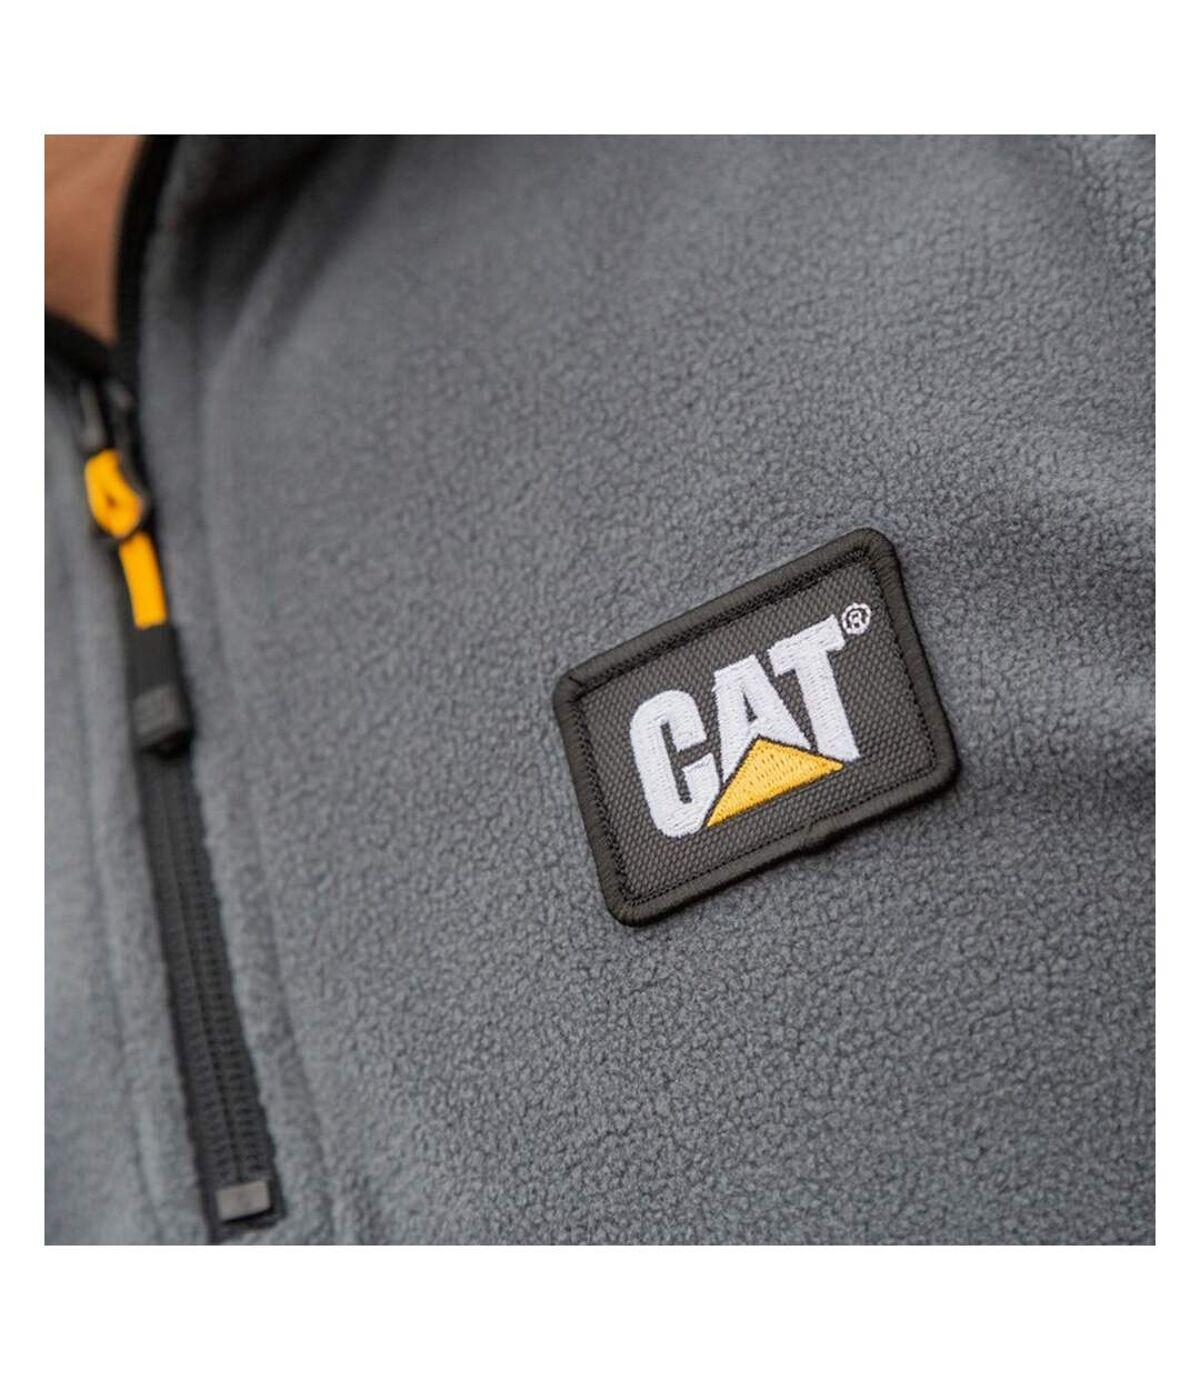 CAT Lifestyle - Polaire CONCORD - Homme (Gris) - UTFS5921